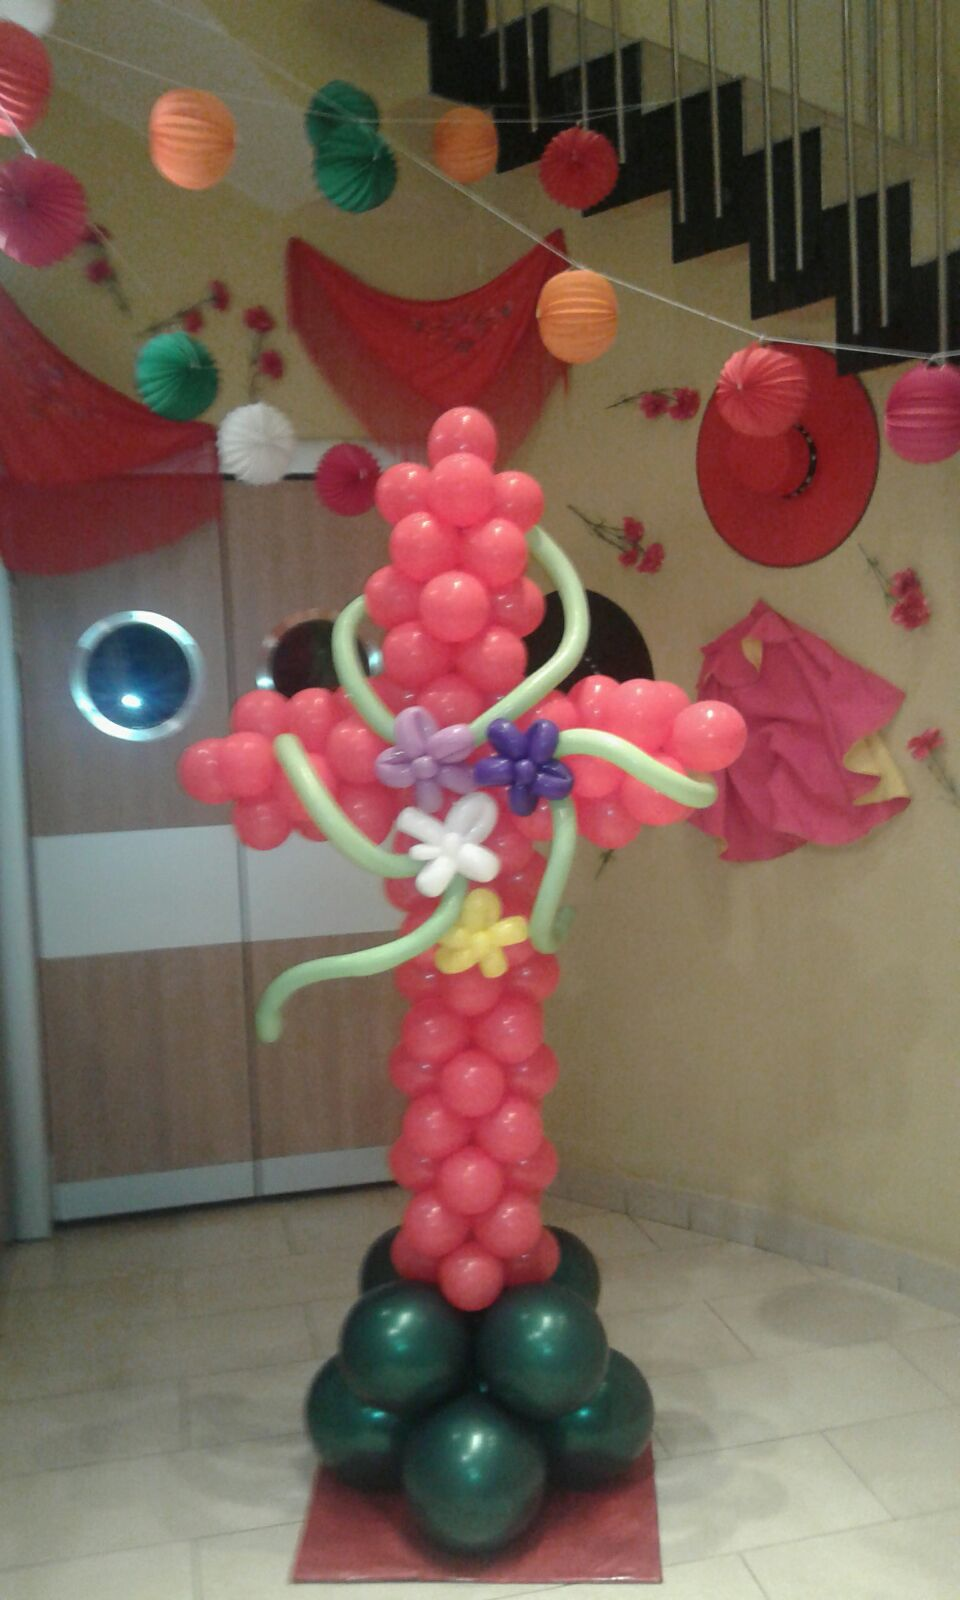 Cruz de mayo globos Córdoba